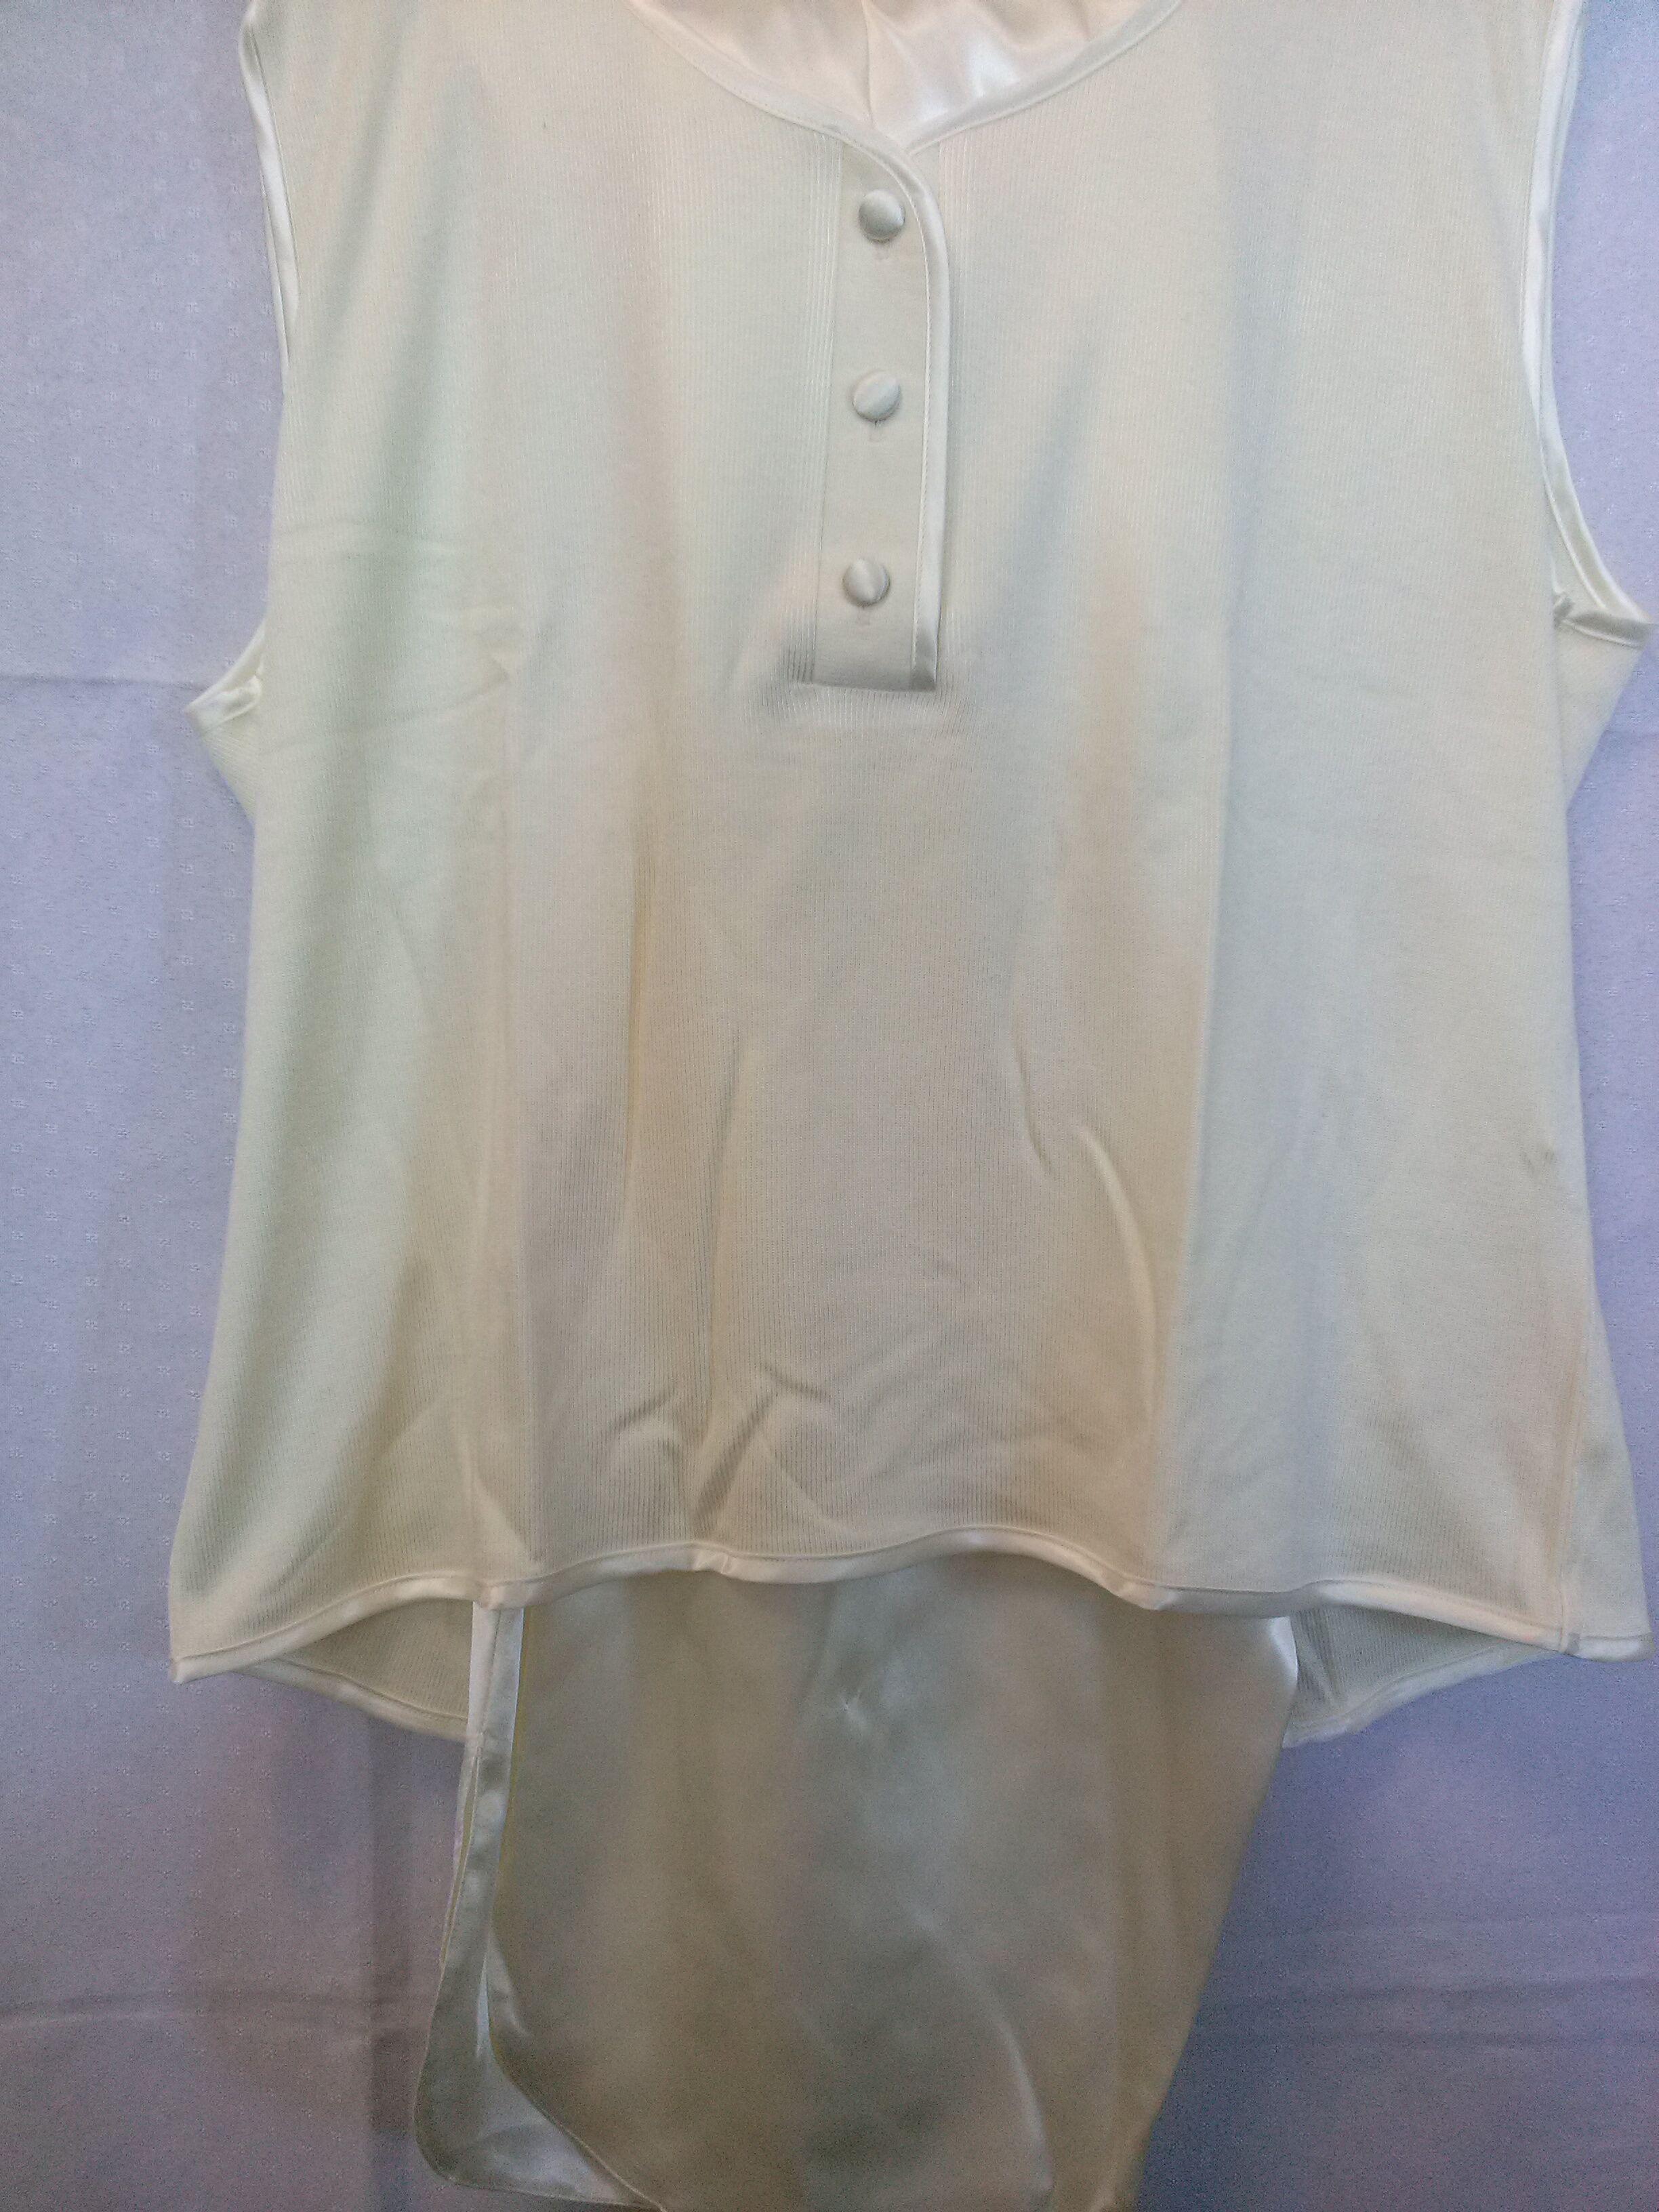 Piżama damska krótka satynowa 113 rozmiar M kremowa z wiskozą Niska cena!!!